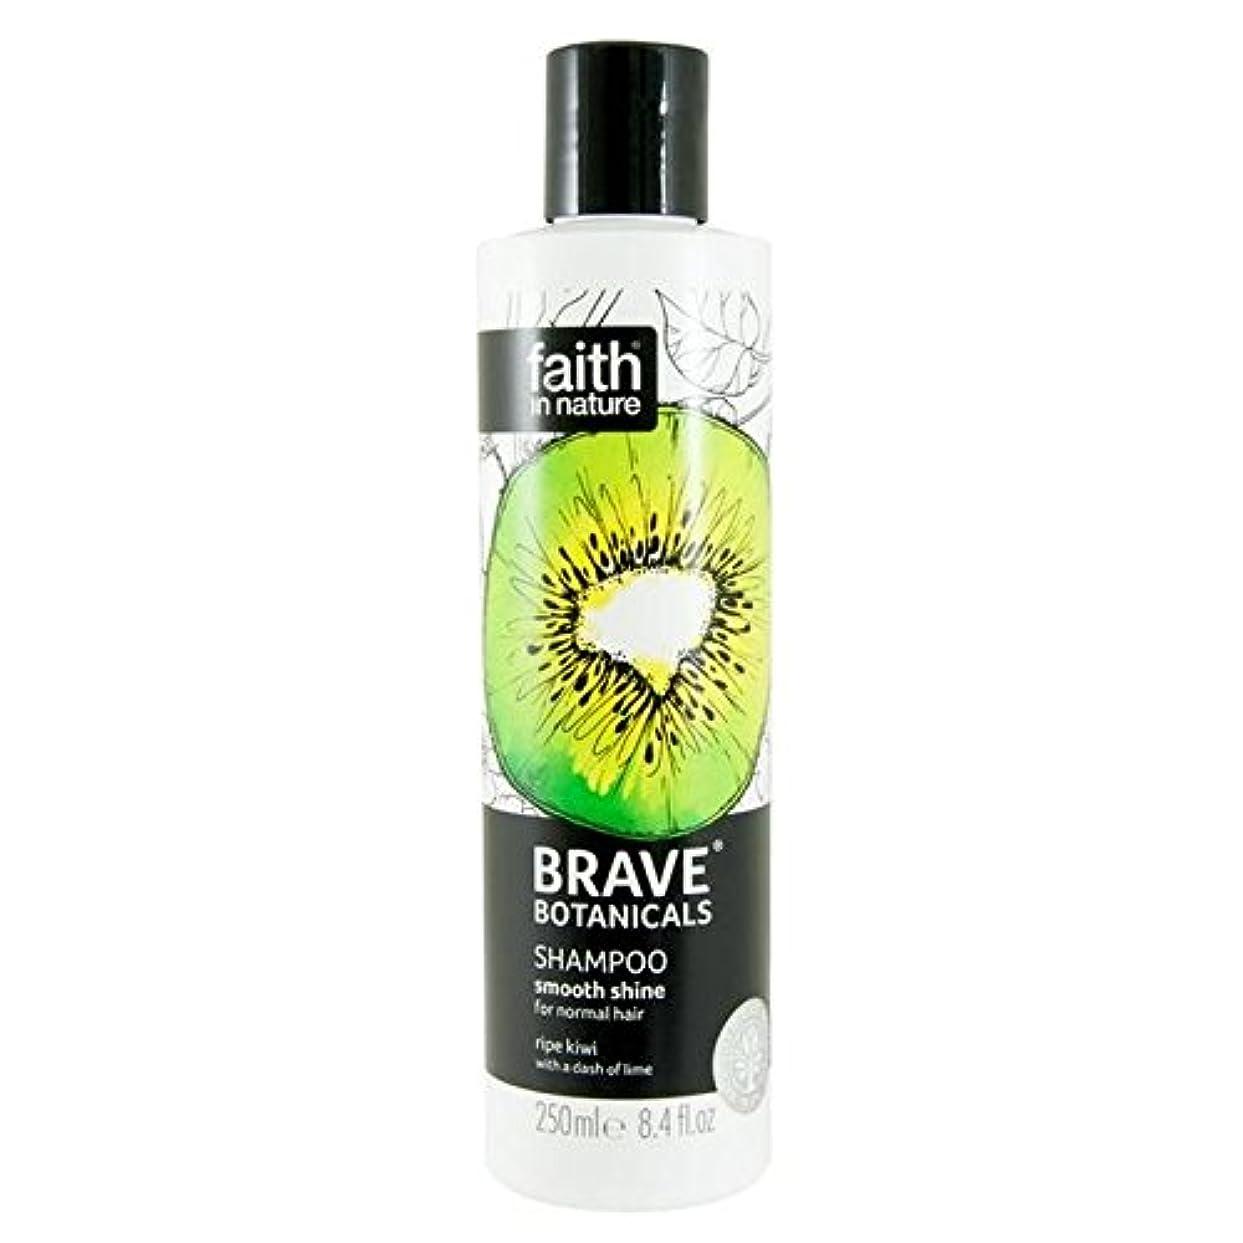 モデレータ戦術イライラするBrave Botanicals Kiwi & Lime Smooth Shine Shampoo 250ml (Pack of 2) - (Faith In Nature) 勇敢な植物キウイ&ライムなめらかな輝きシャンプー250Ml (x2) [並行輸入品]